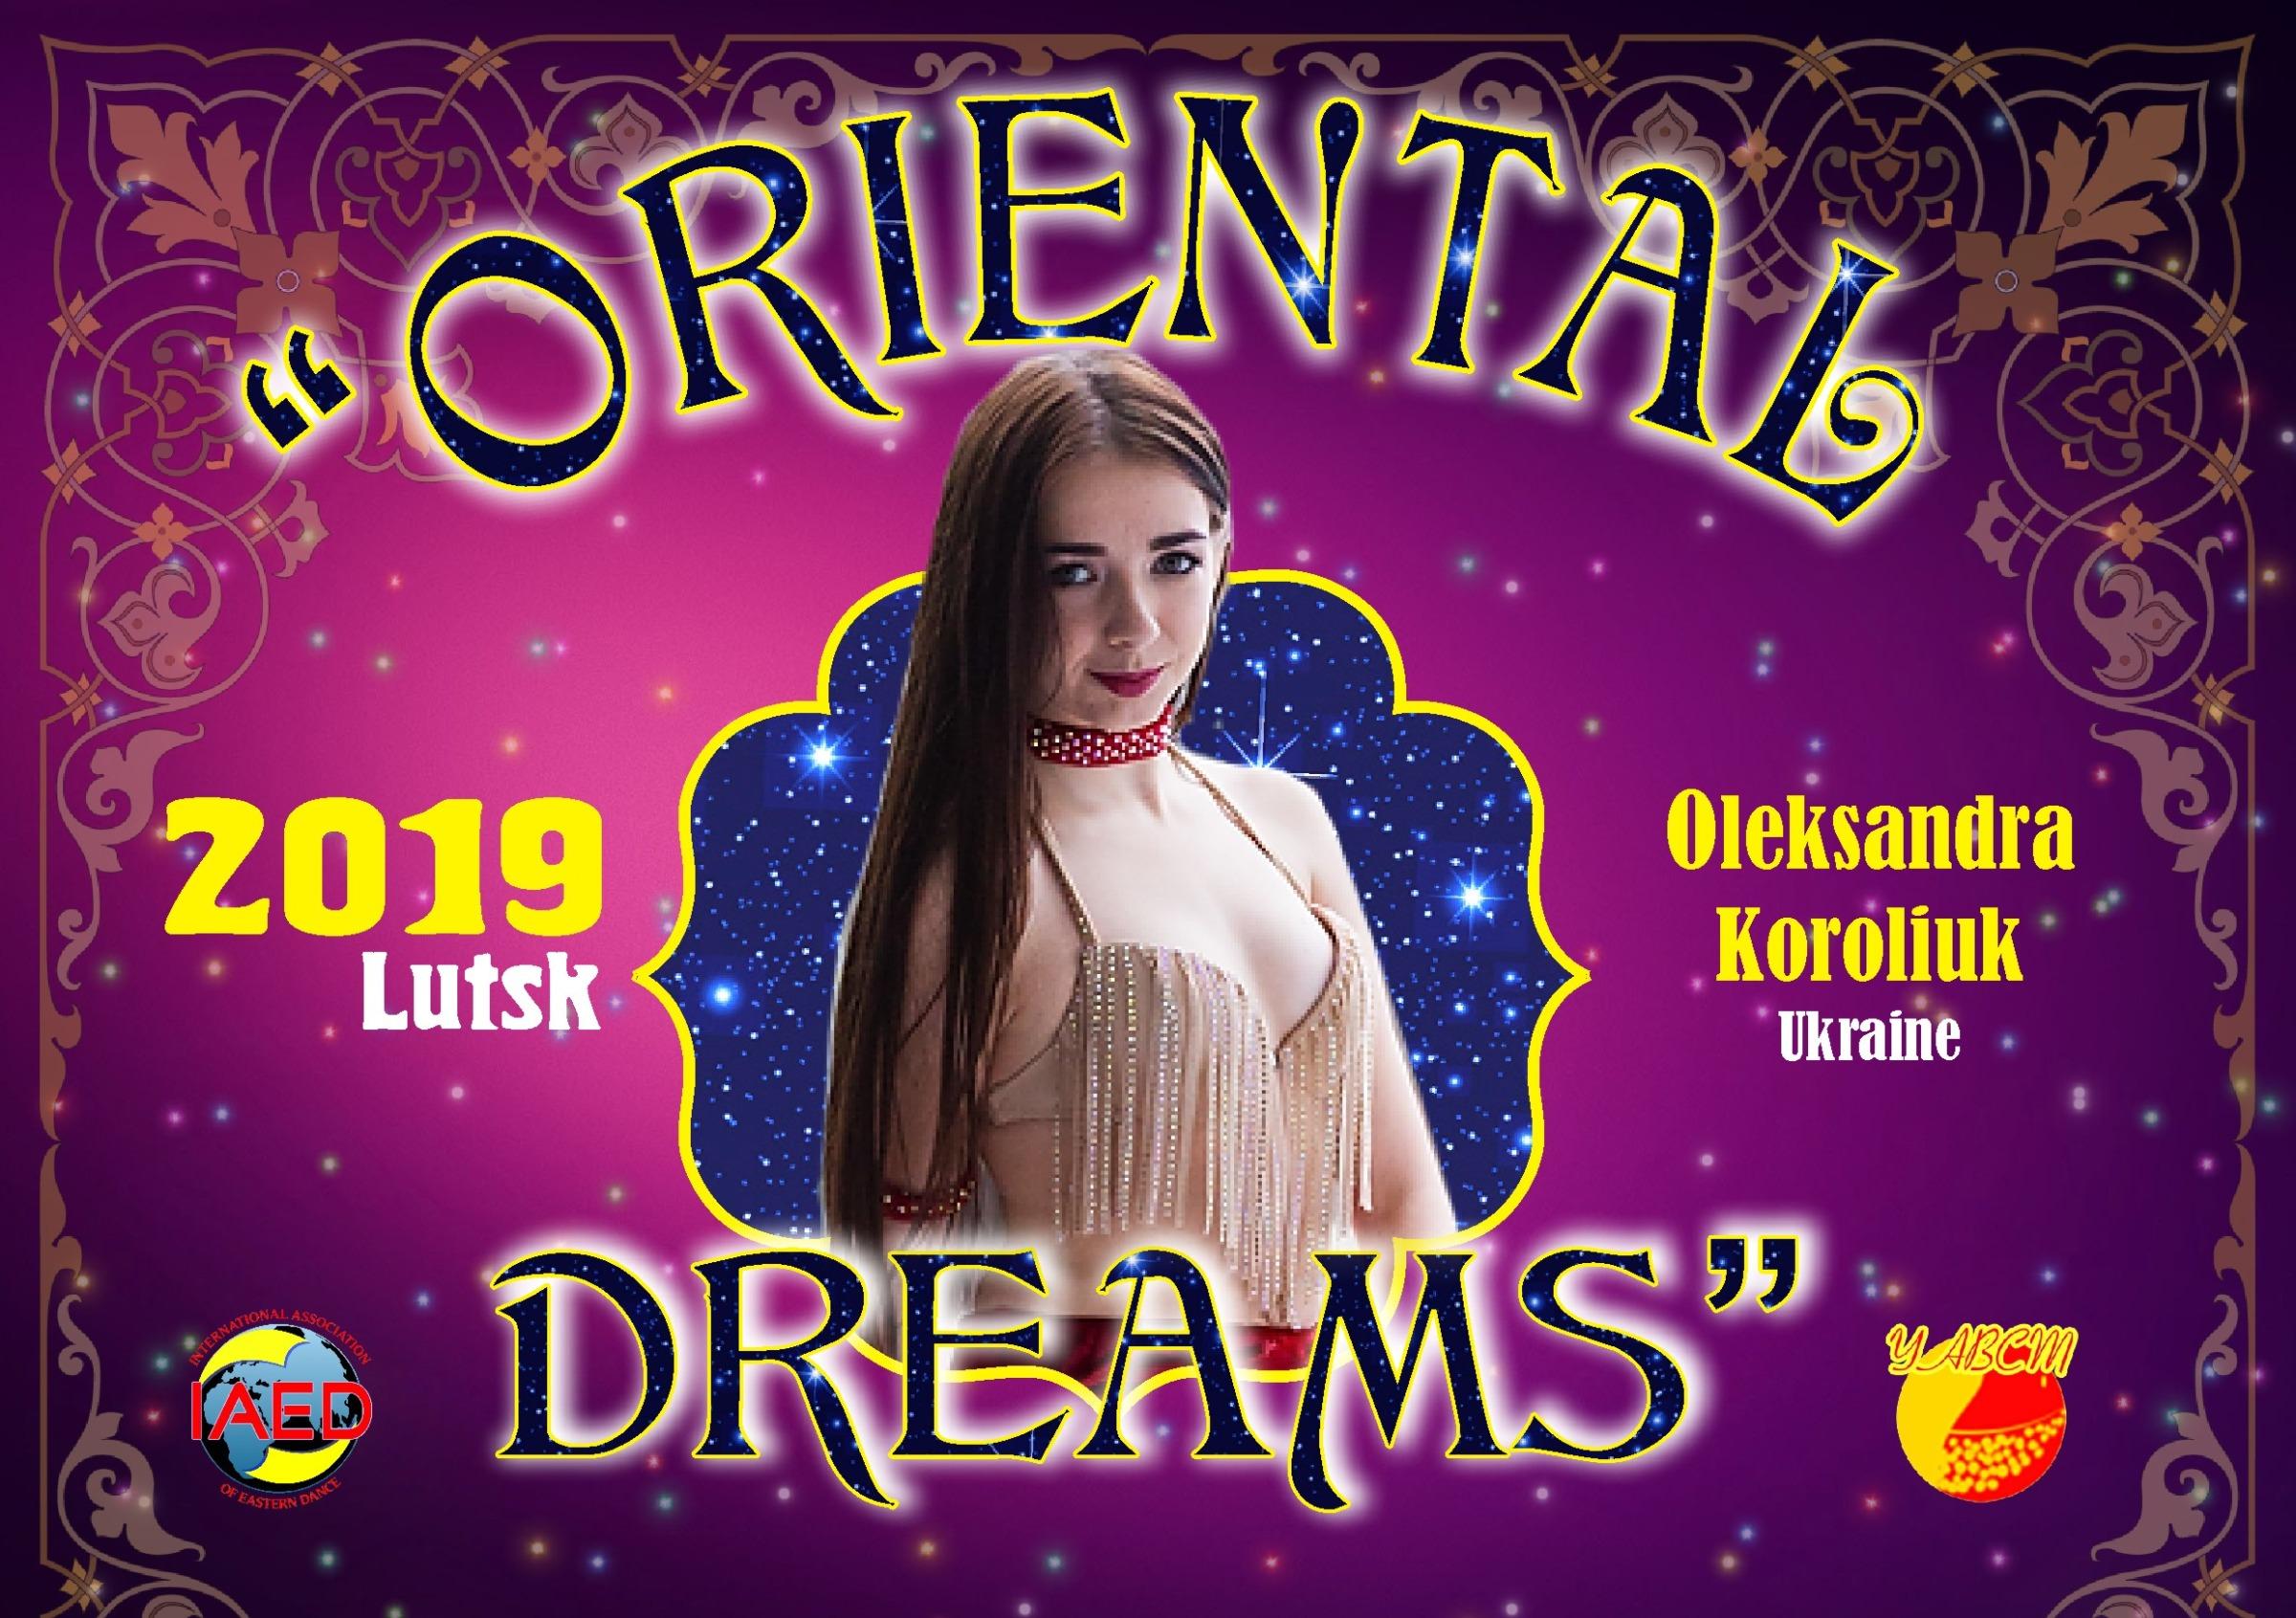 Oleksandra_2019-10-06.jpg